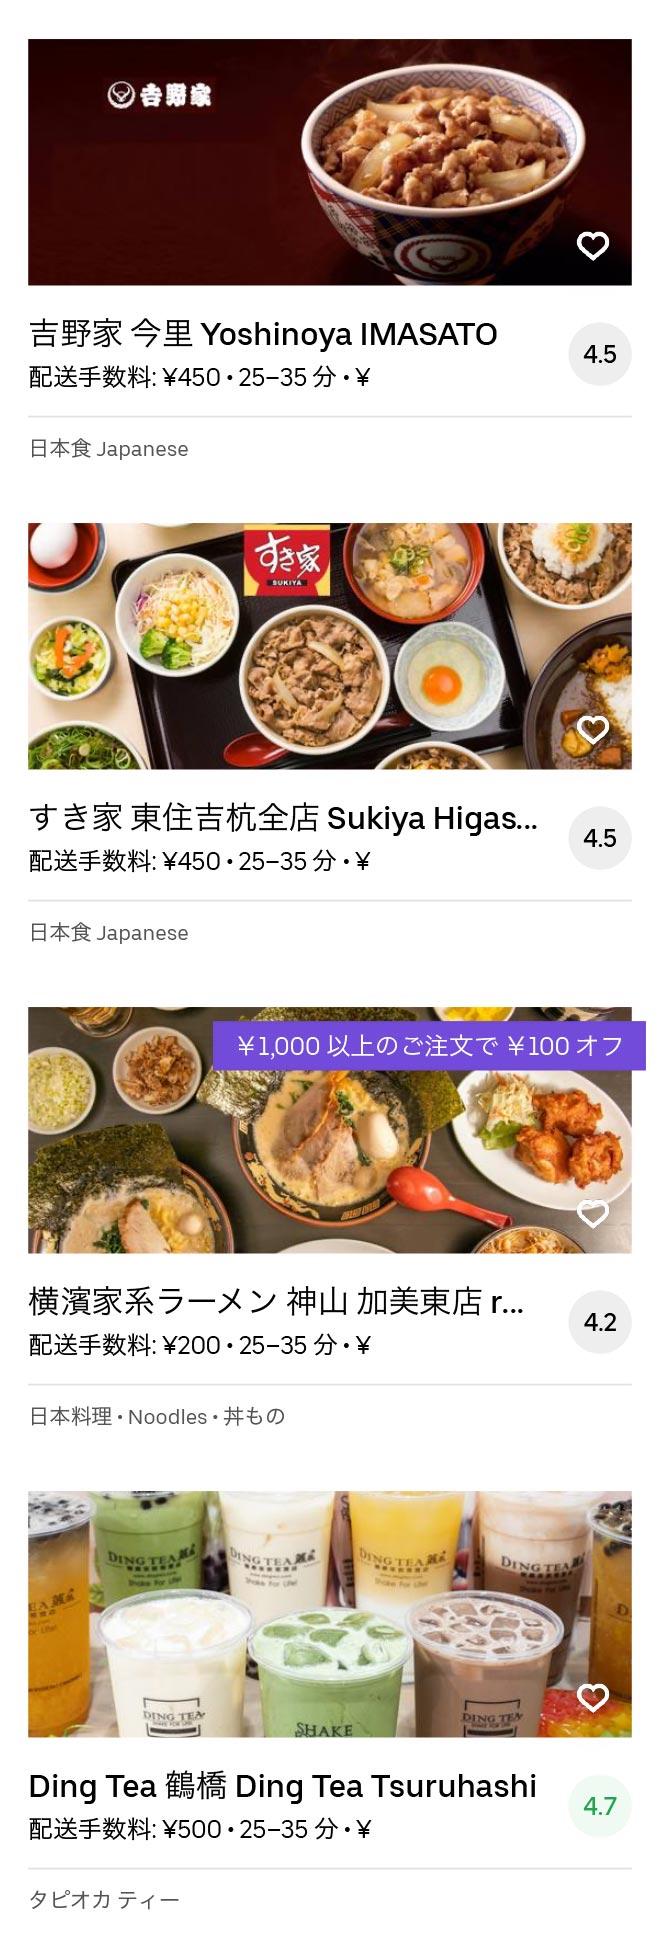 Higashi osaka nagase menu 2005 06